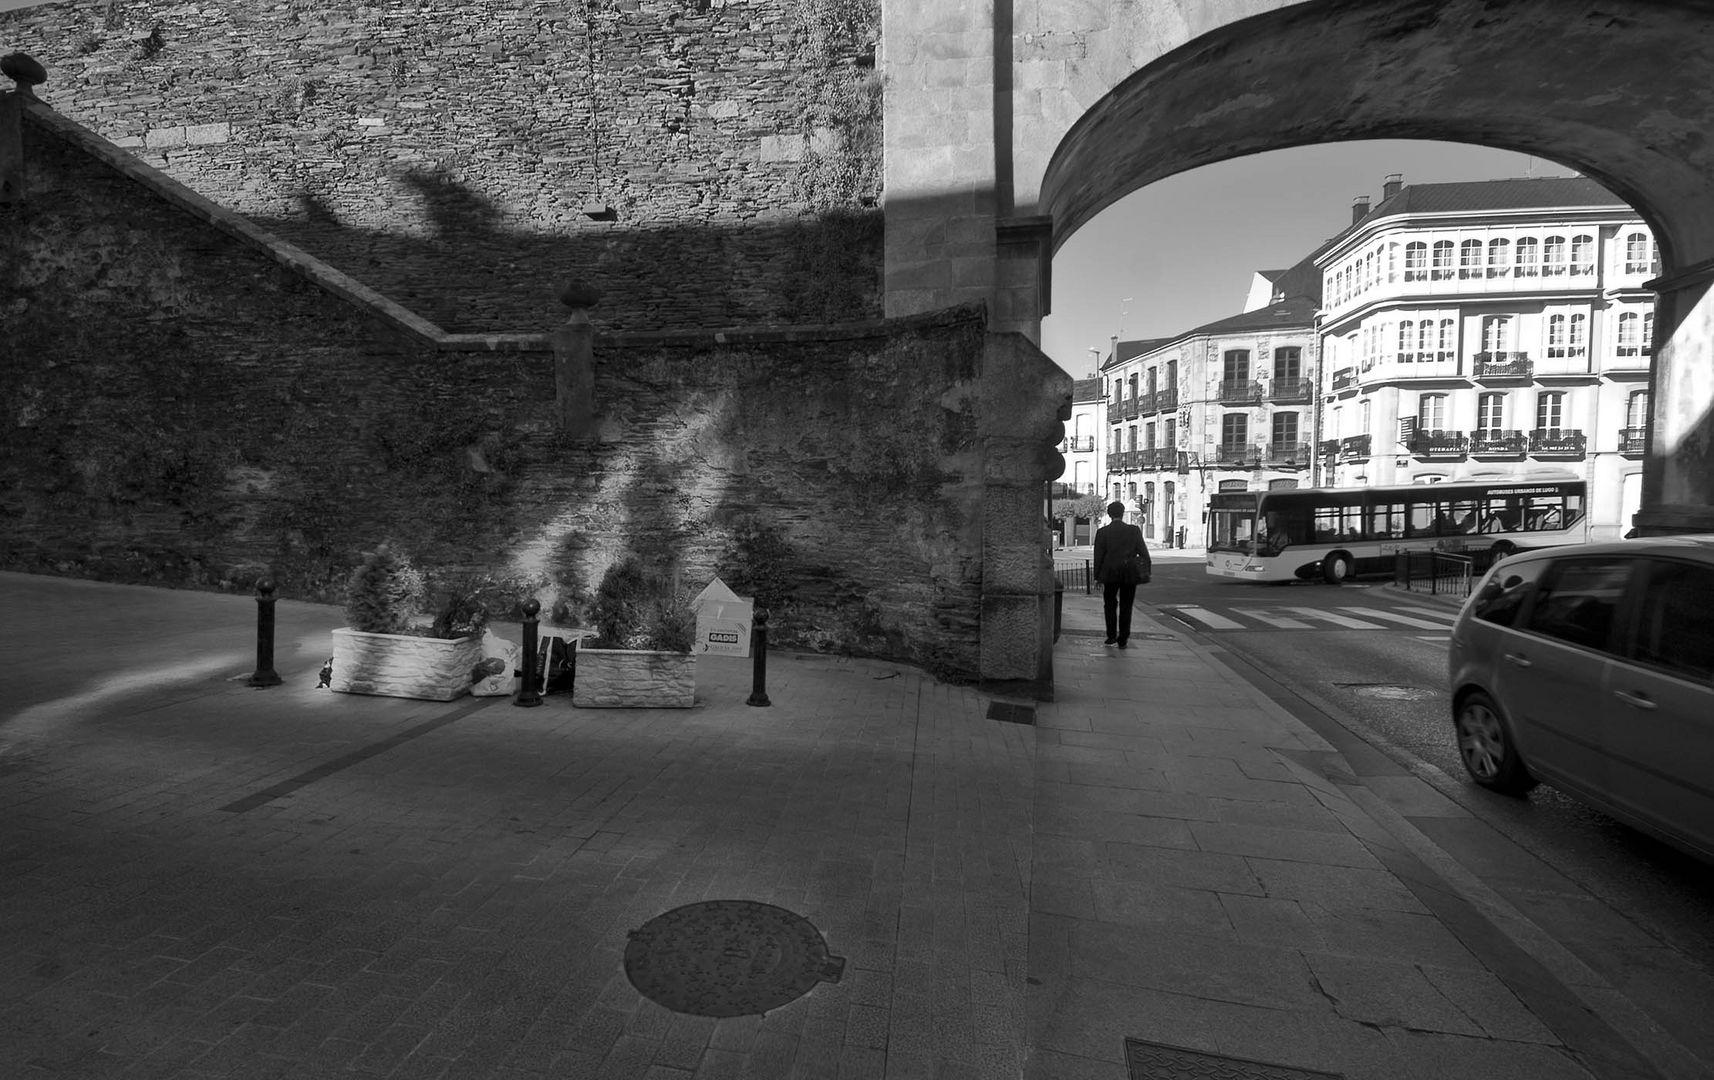 PUERTA DE LAS ESTACIÓN . Muralla romana lucense